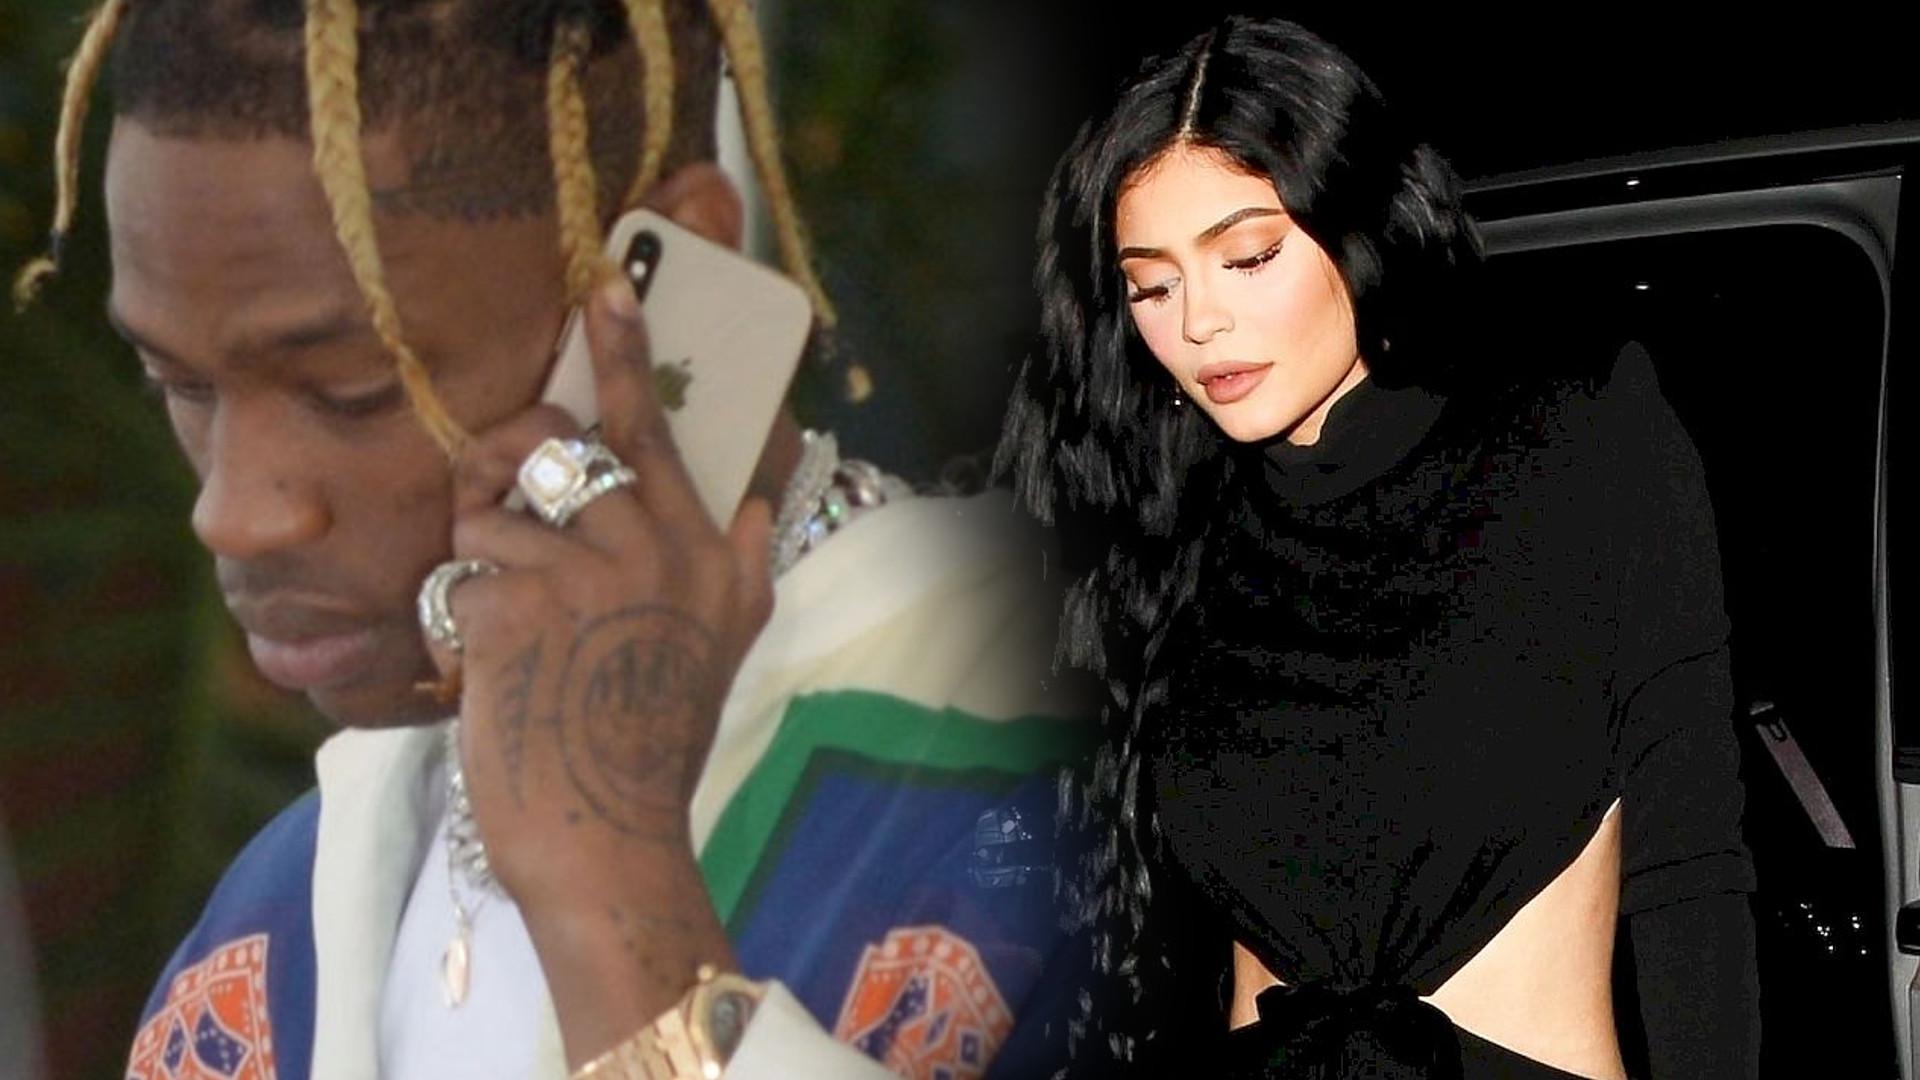 Kylie Jenner i Travis Scott mają kryzys w związku! Kylie wciąż ma podejrzenia